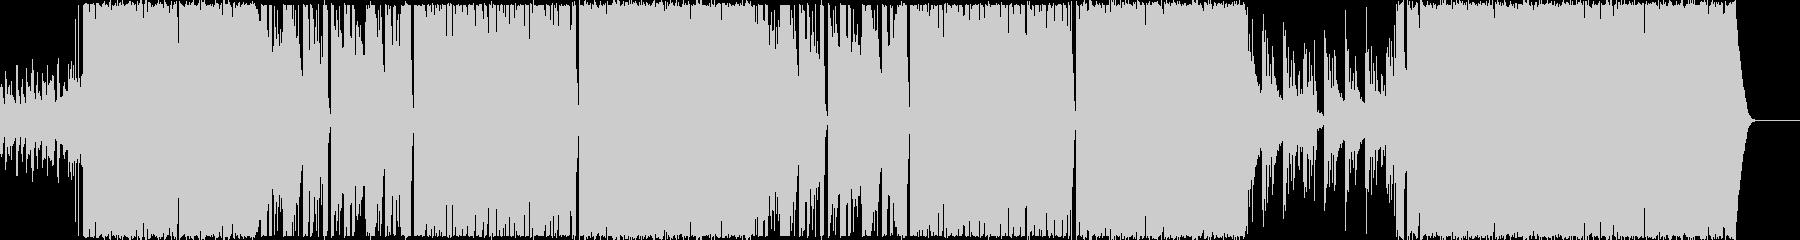 ギター/ストリングス/ヒップホップ/1の未再生の波形